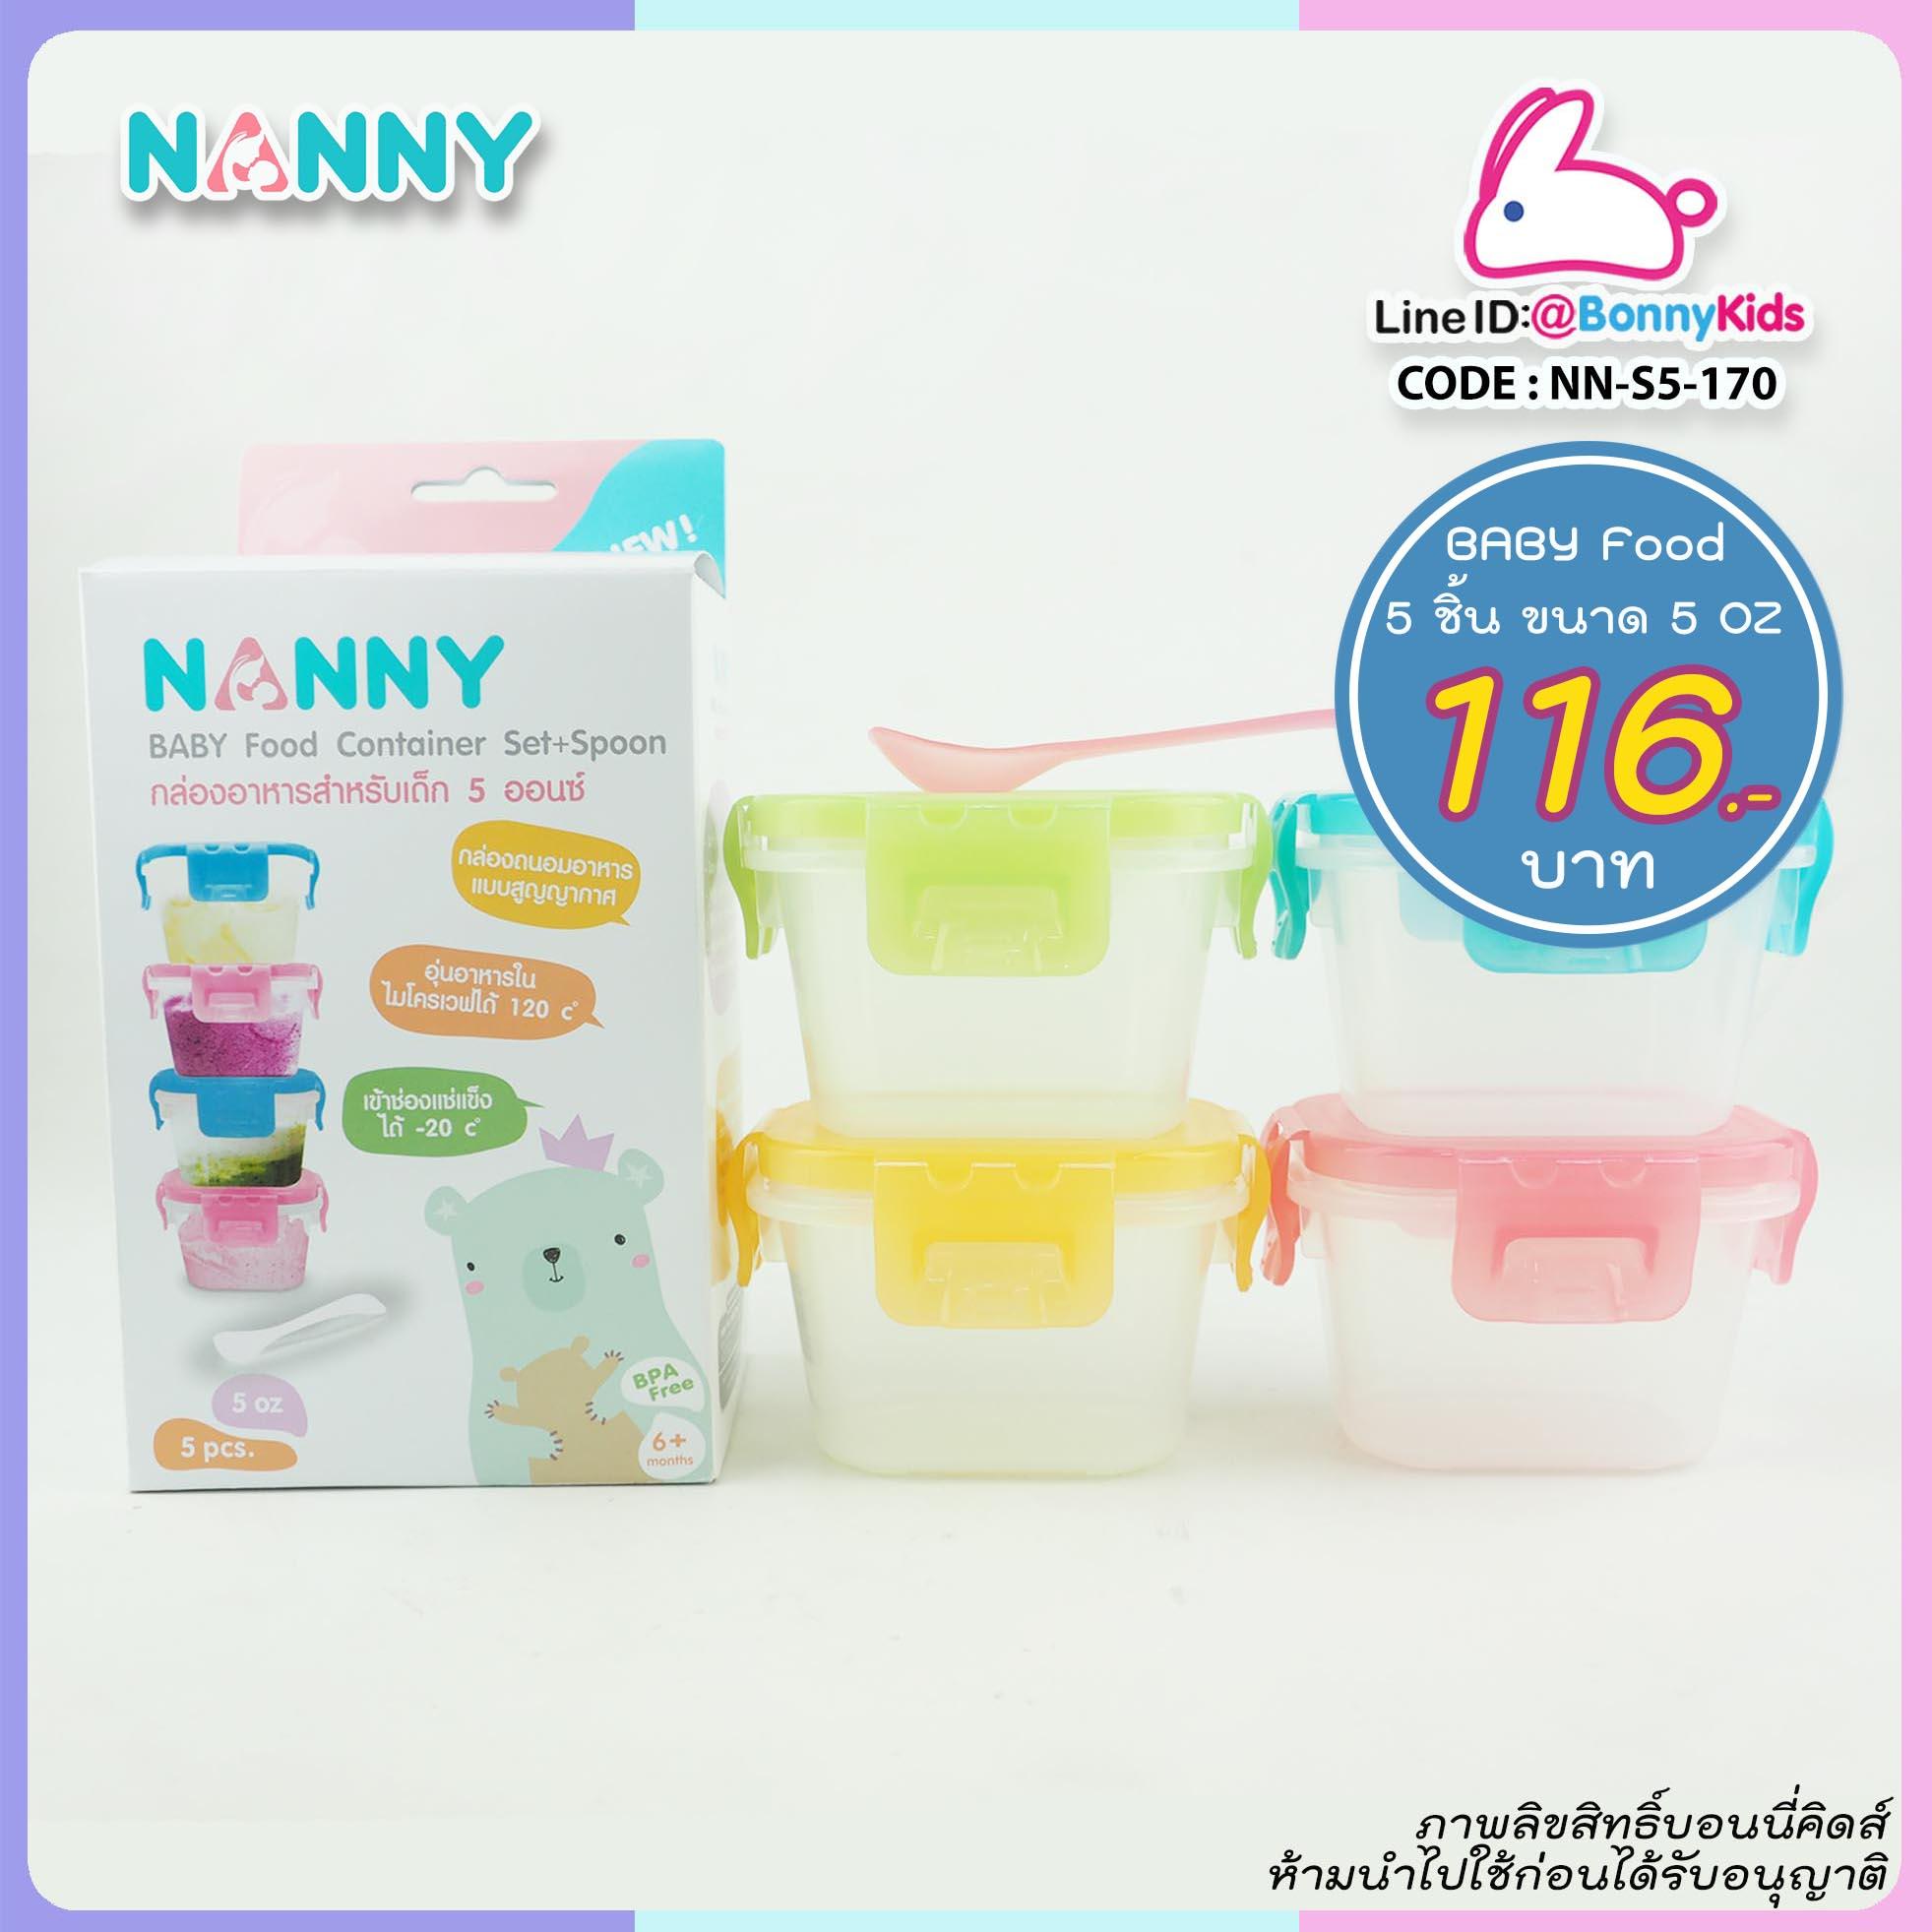 NANNY กล่องอาหารสำหรับเด็ก 7 ออนซ์